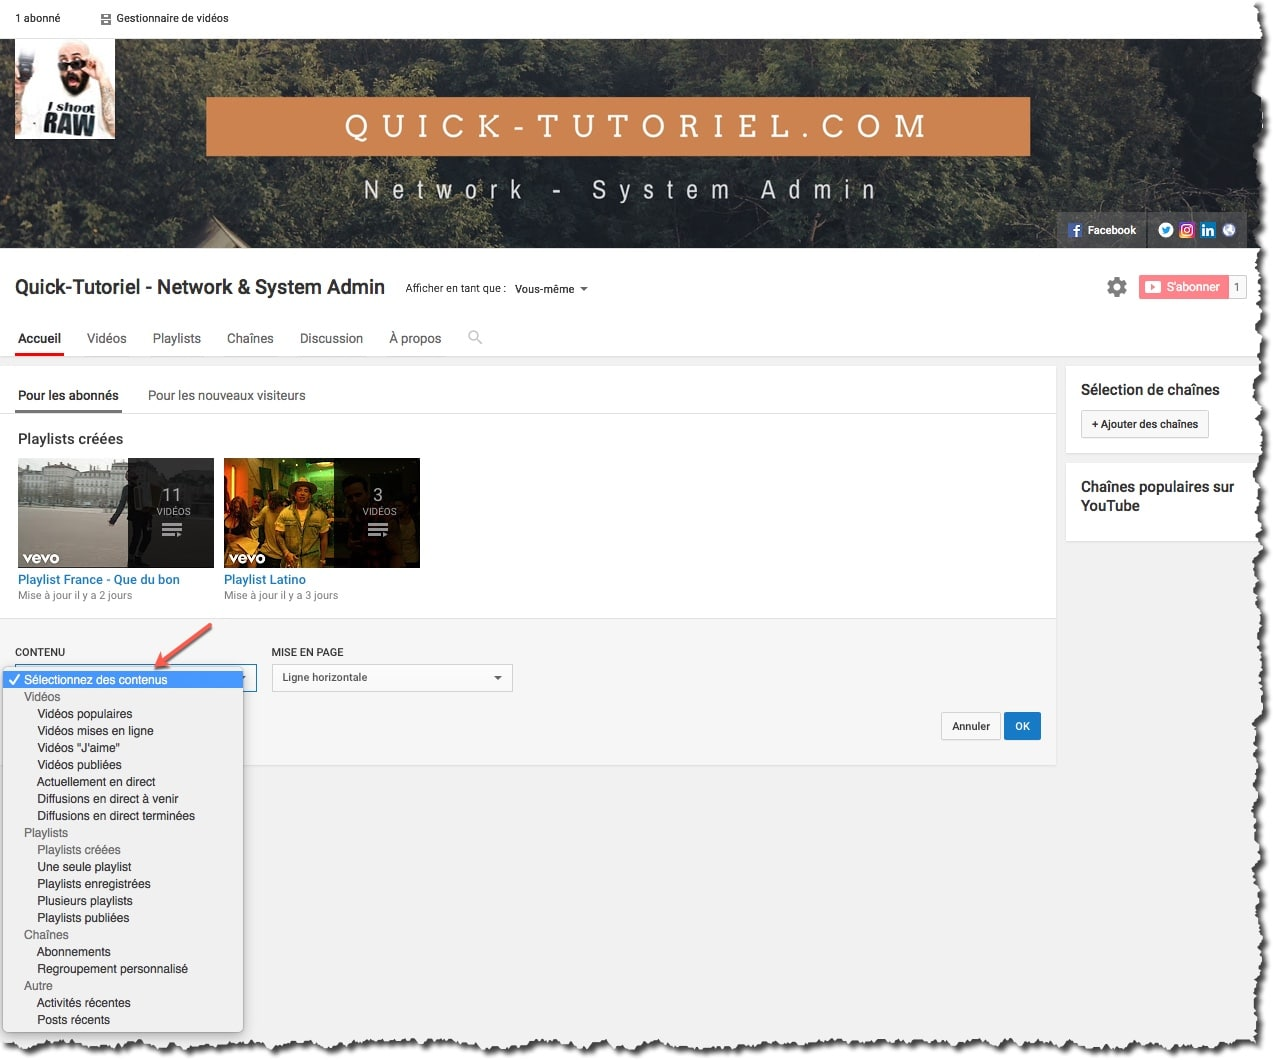 Visiter la chaine Youtube du blog Quick-Tutoriel.com